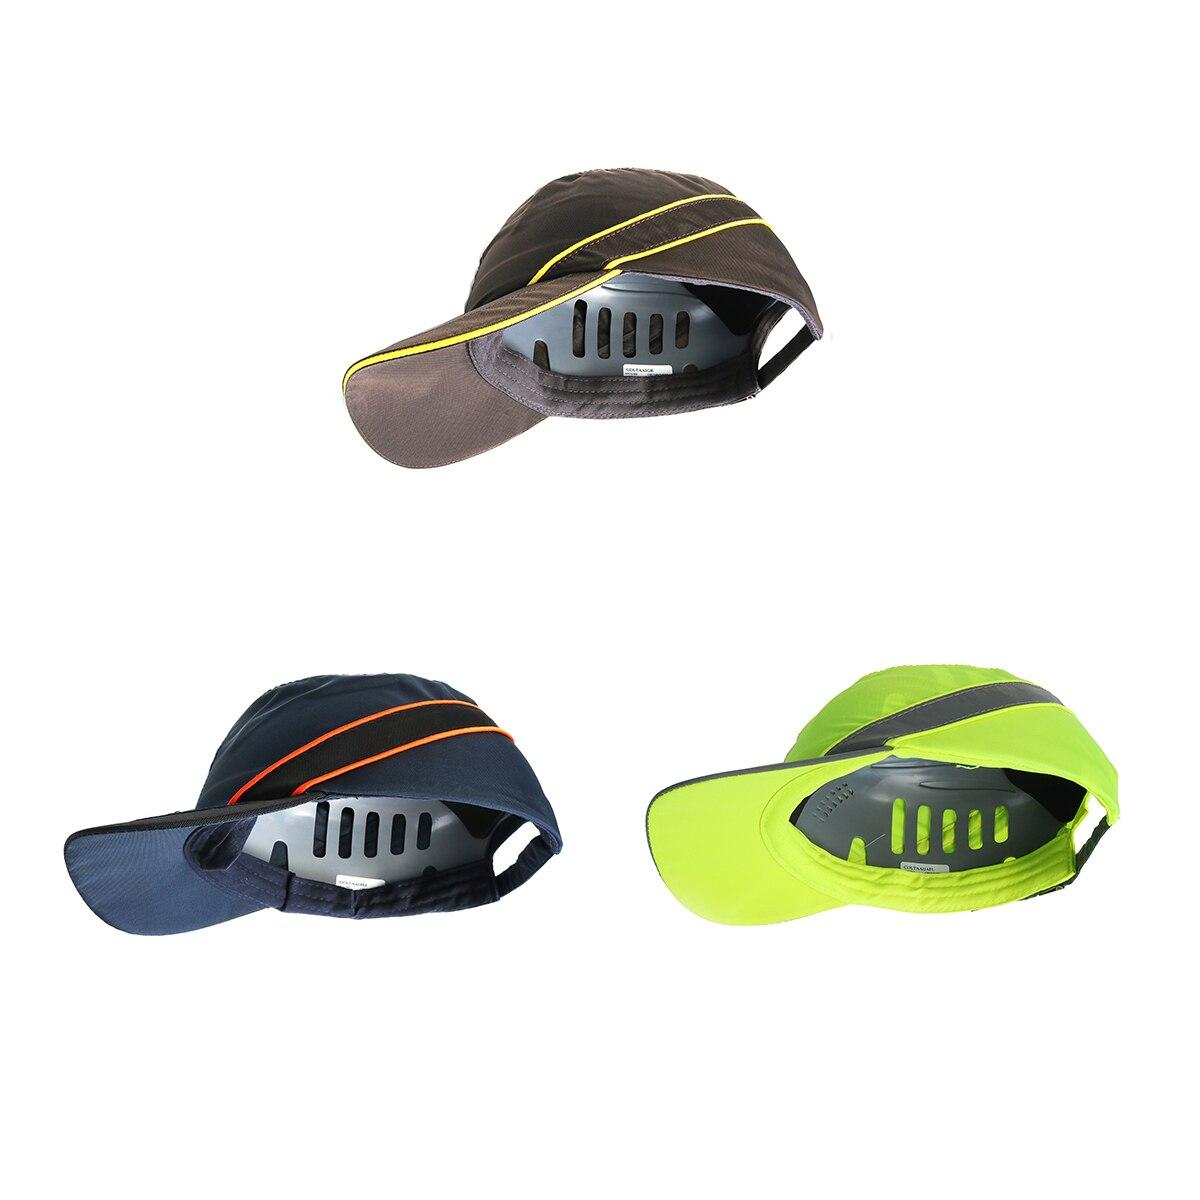 Casco de protección seguridad transpirable peso ligero